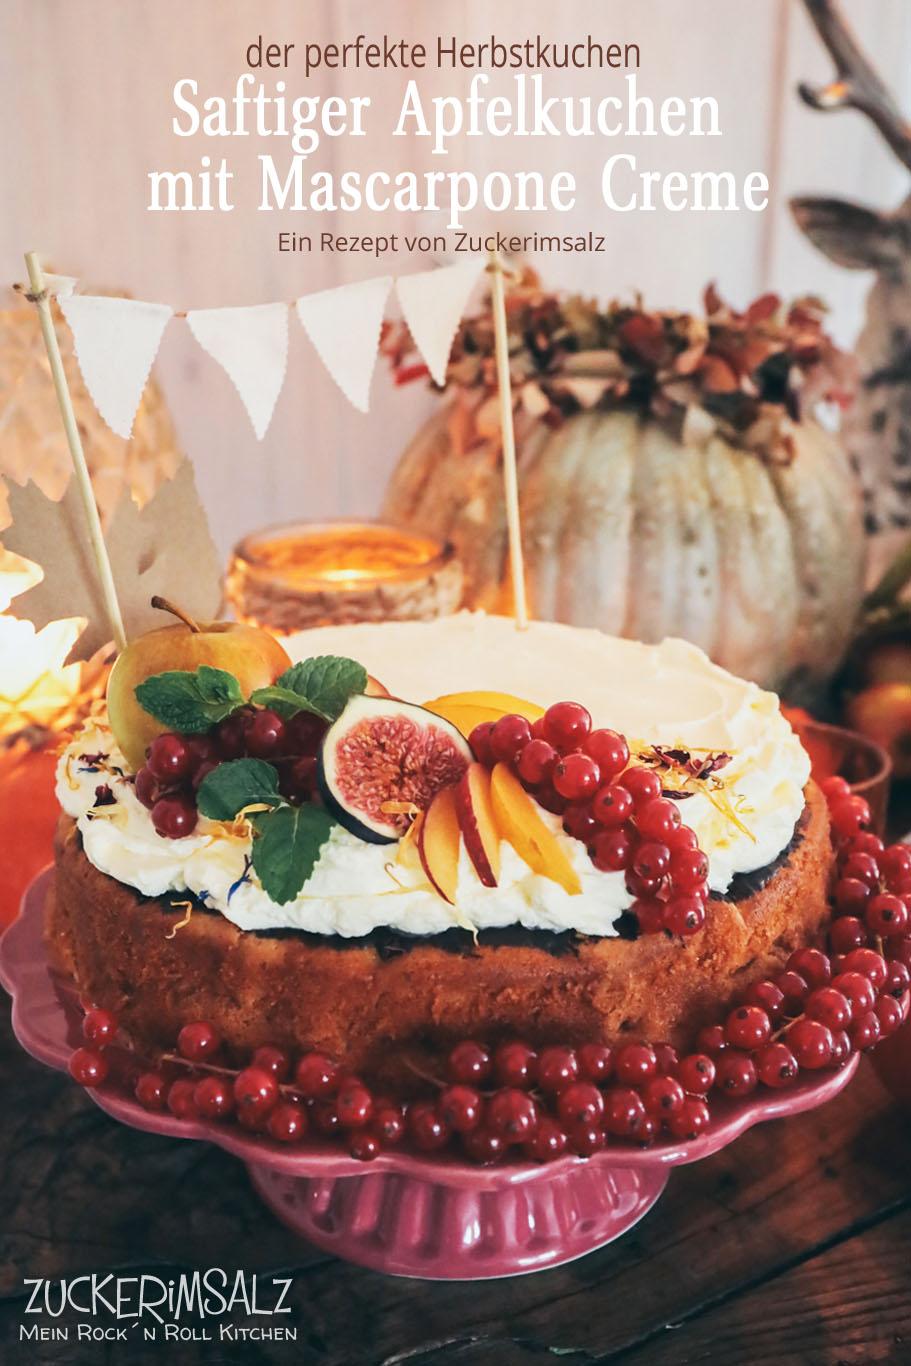 Mein Saftiger Apfelkuchen mit Mascarpone Creme … der perfekte Herbstkuchen